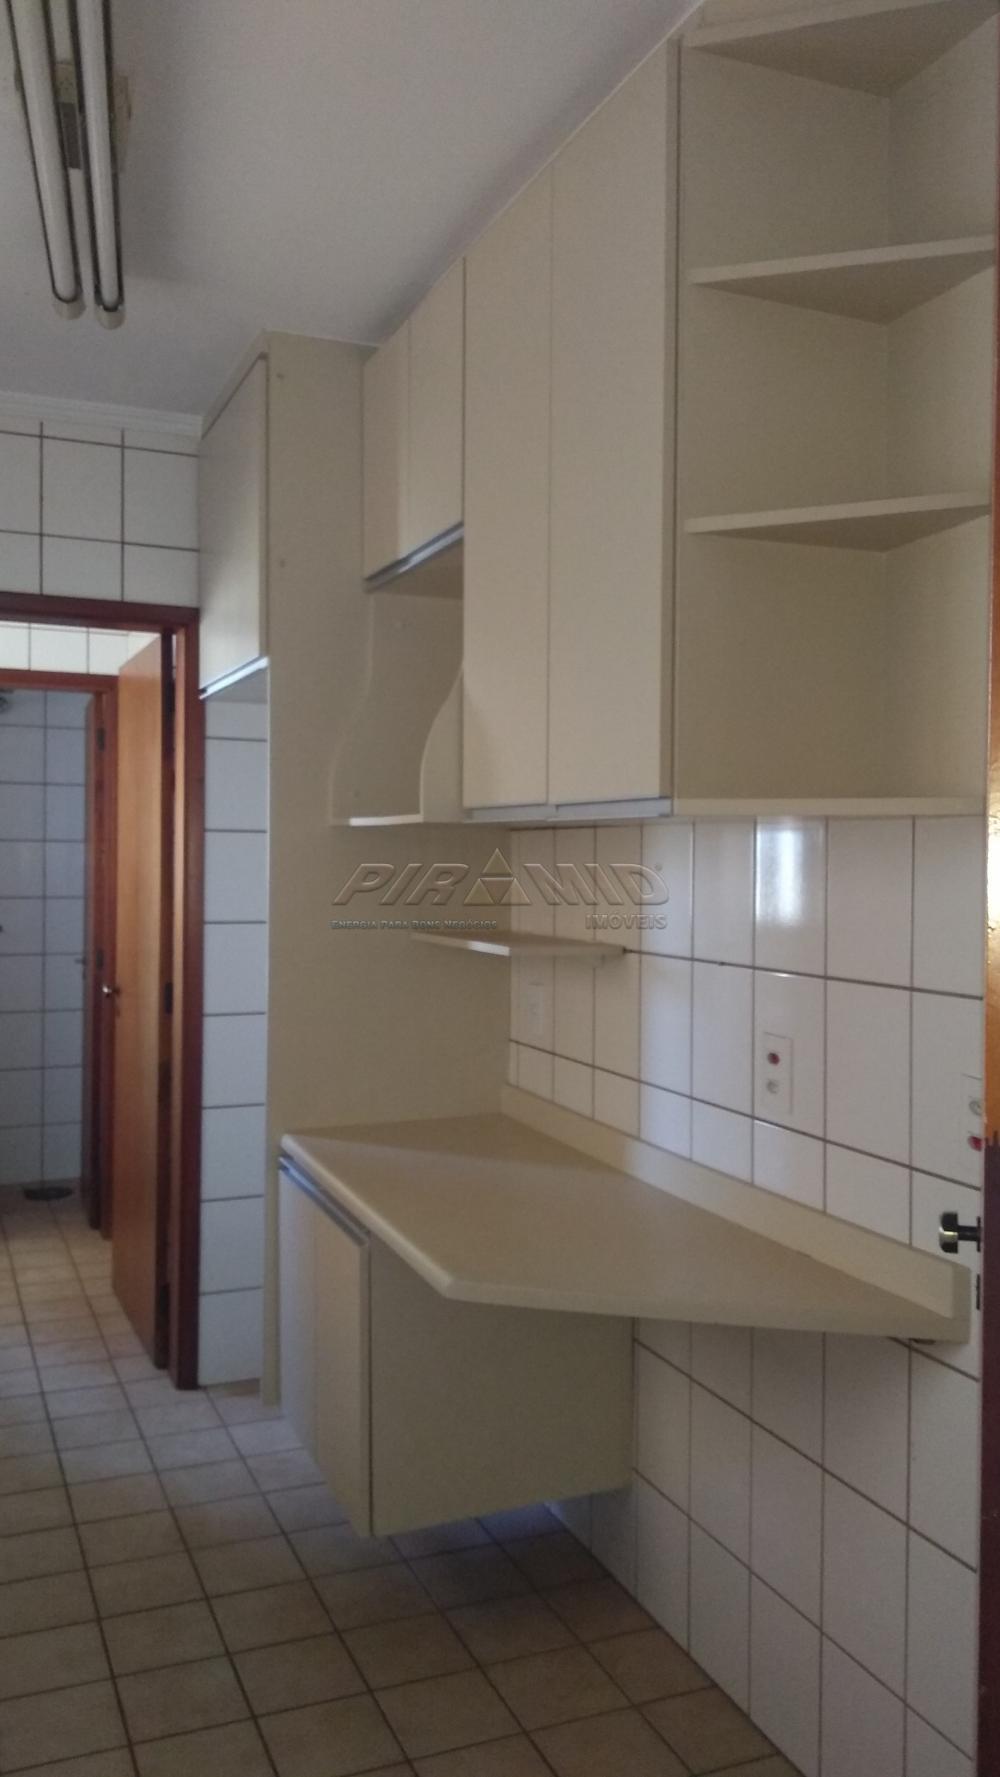 Alugar Apartamento / Padrão em Ribeirão Preto apenas R$ 1.250,00 - Foto 3